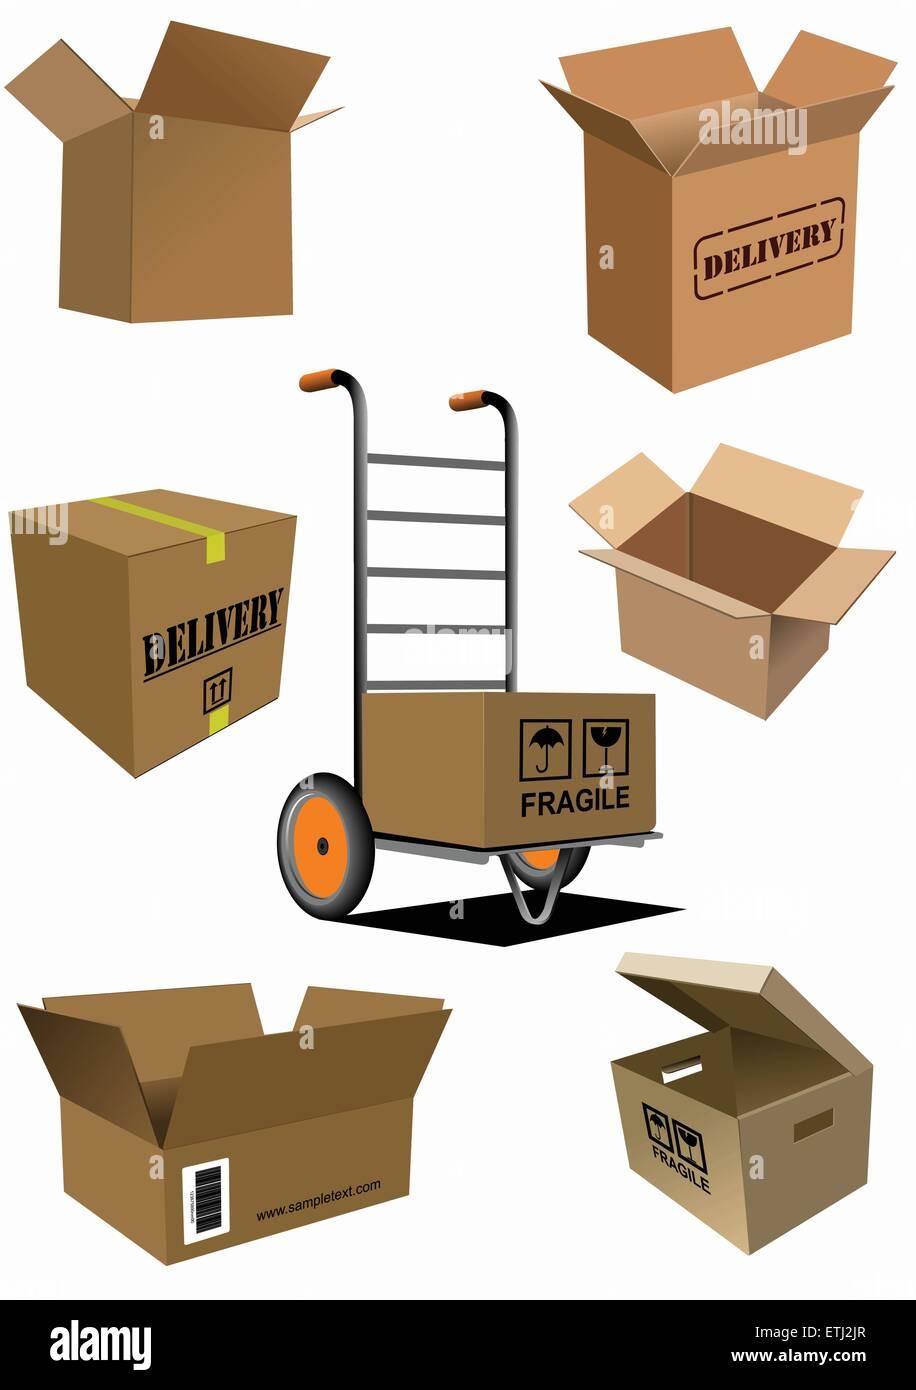 Carton boxes collection. Vector illustration - Stock Vector